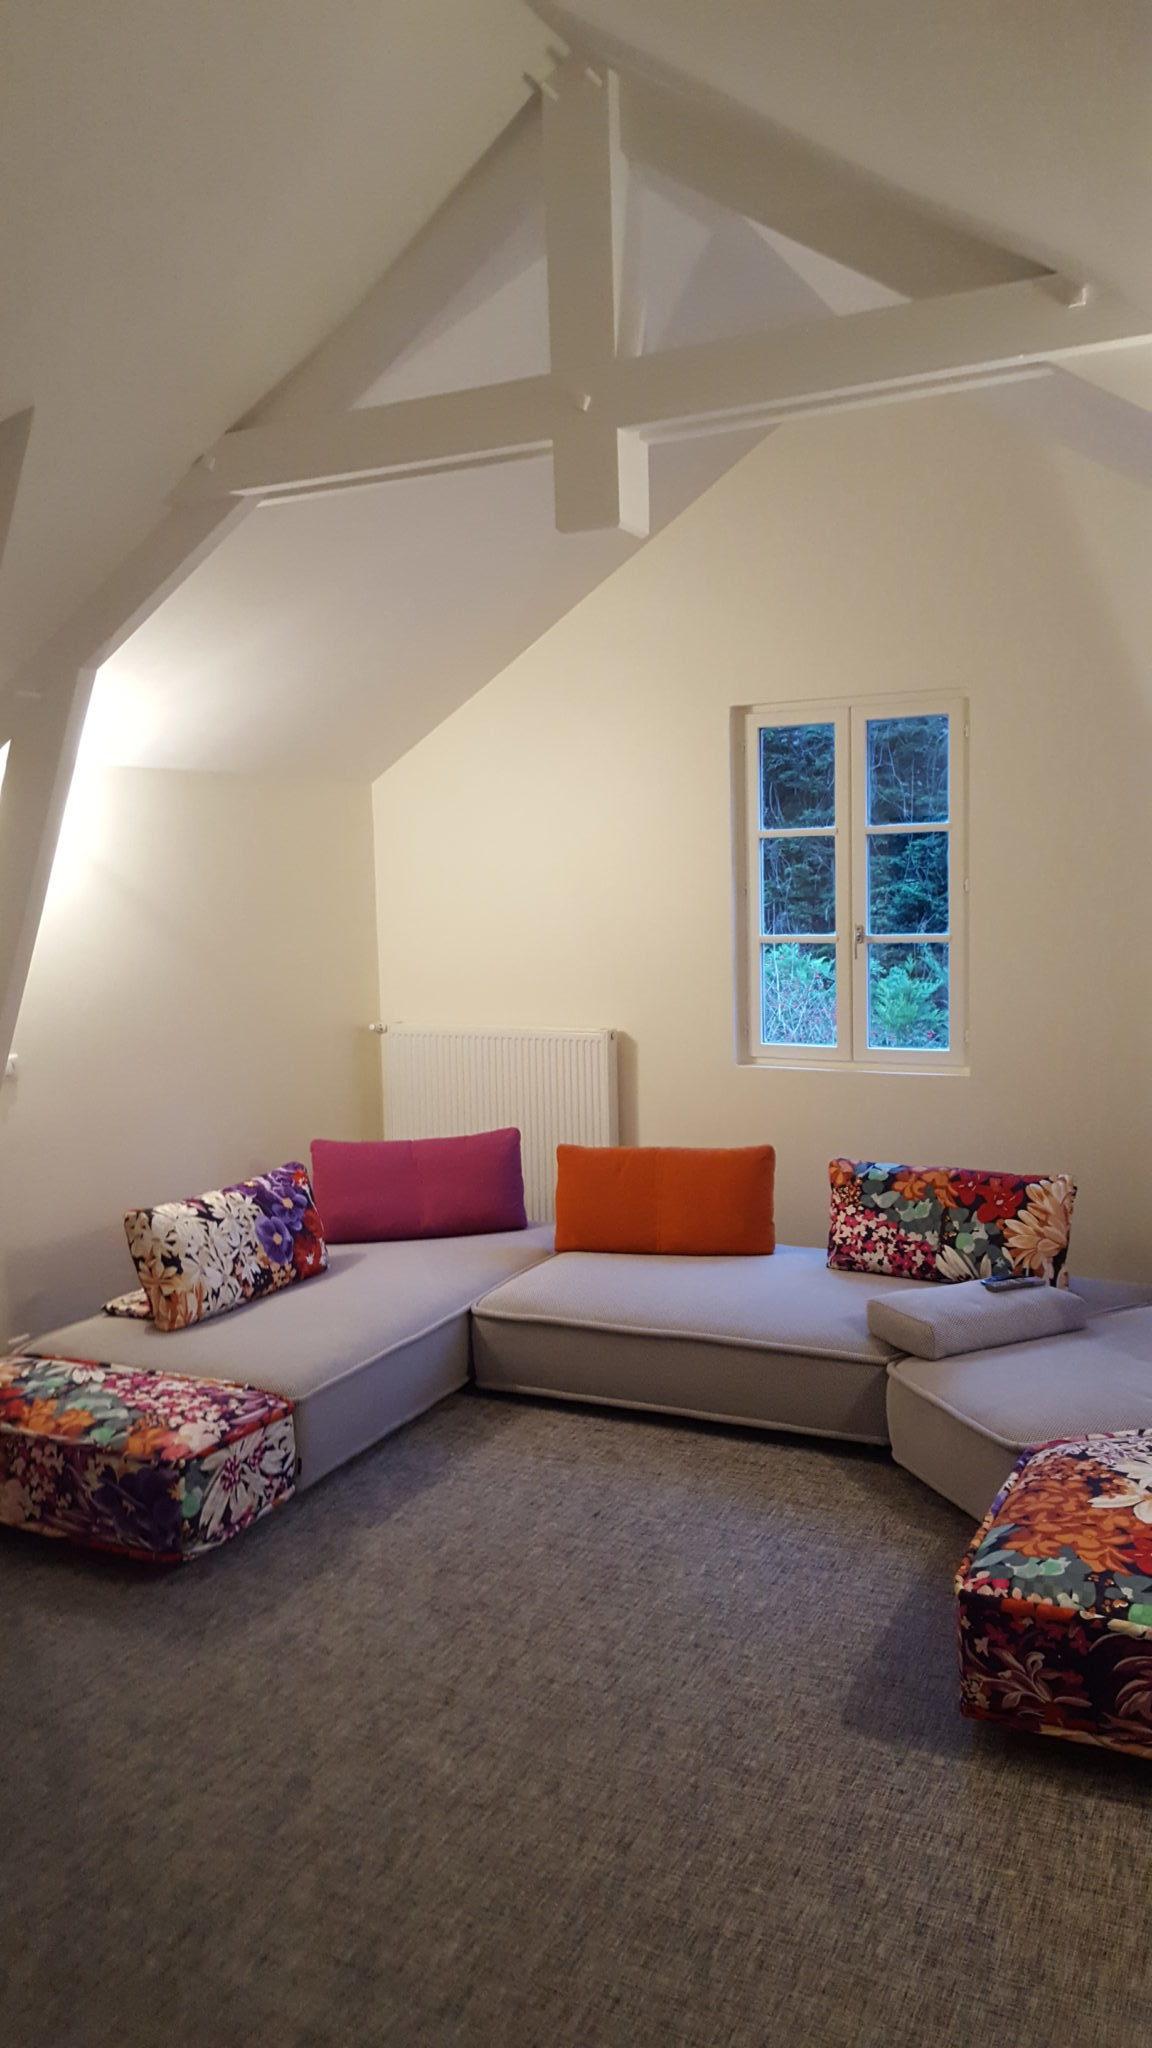 Photo du salon accueillant et coloré avec un canapé sur mesure réalisé